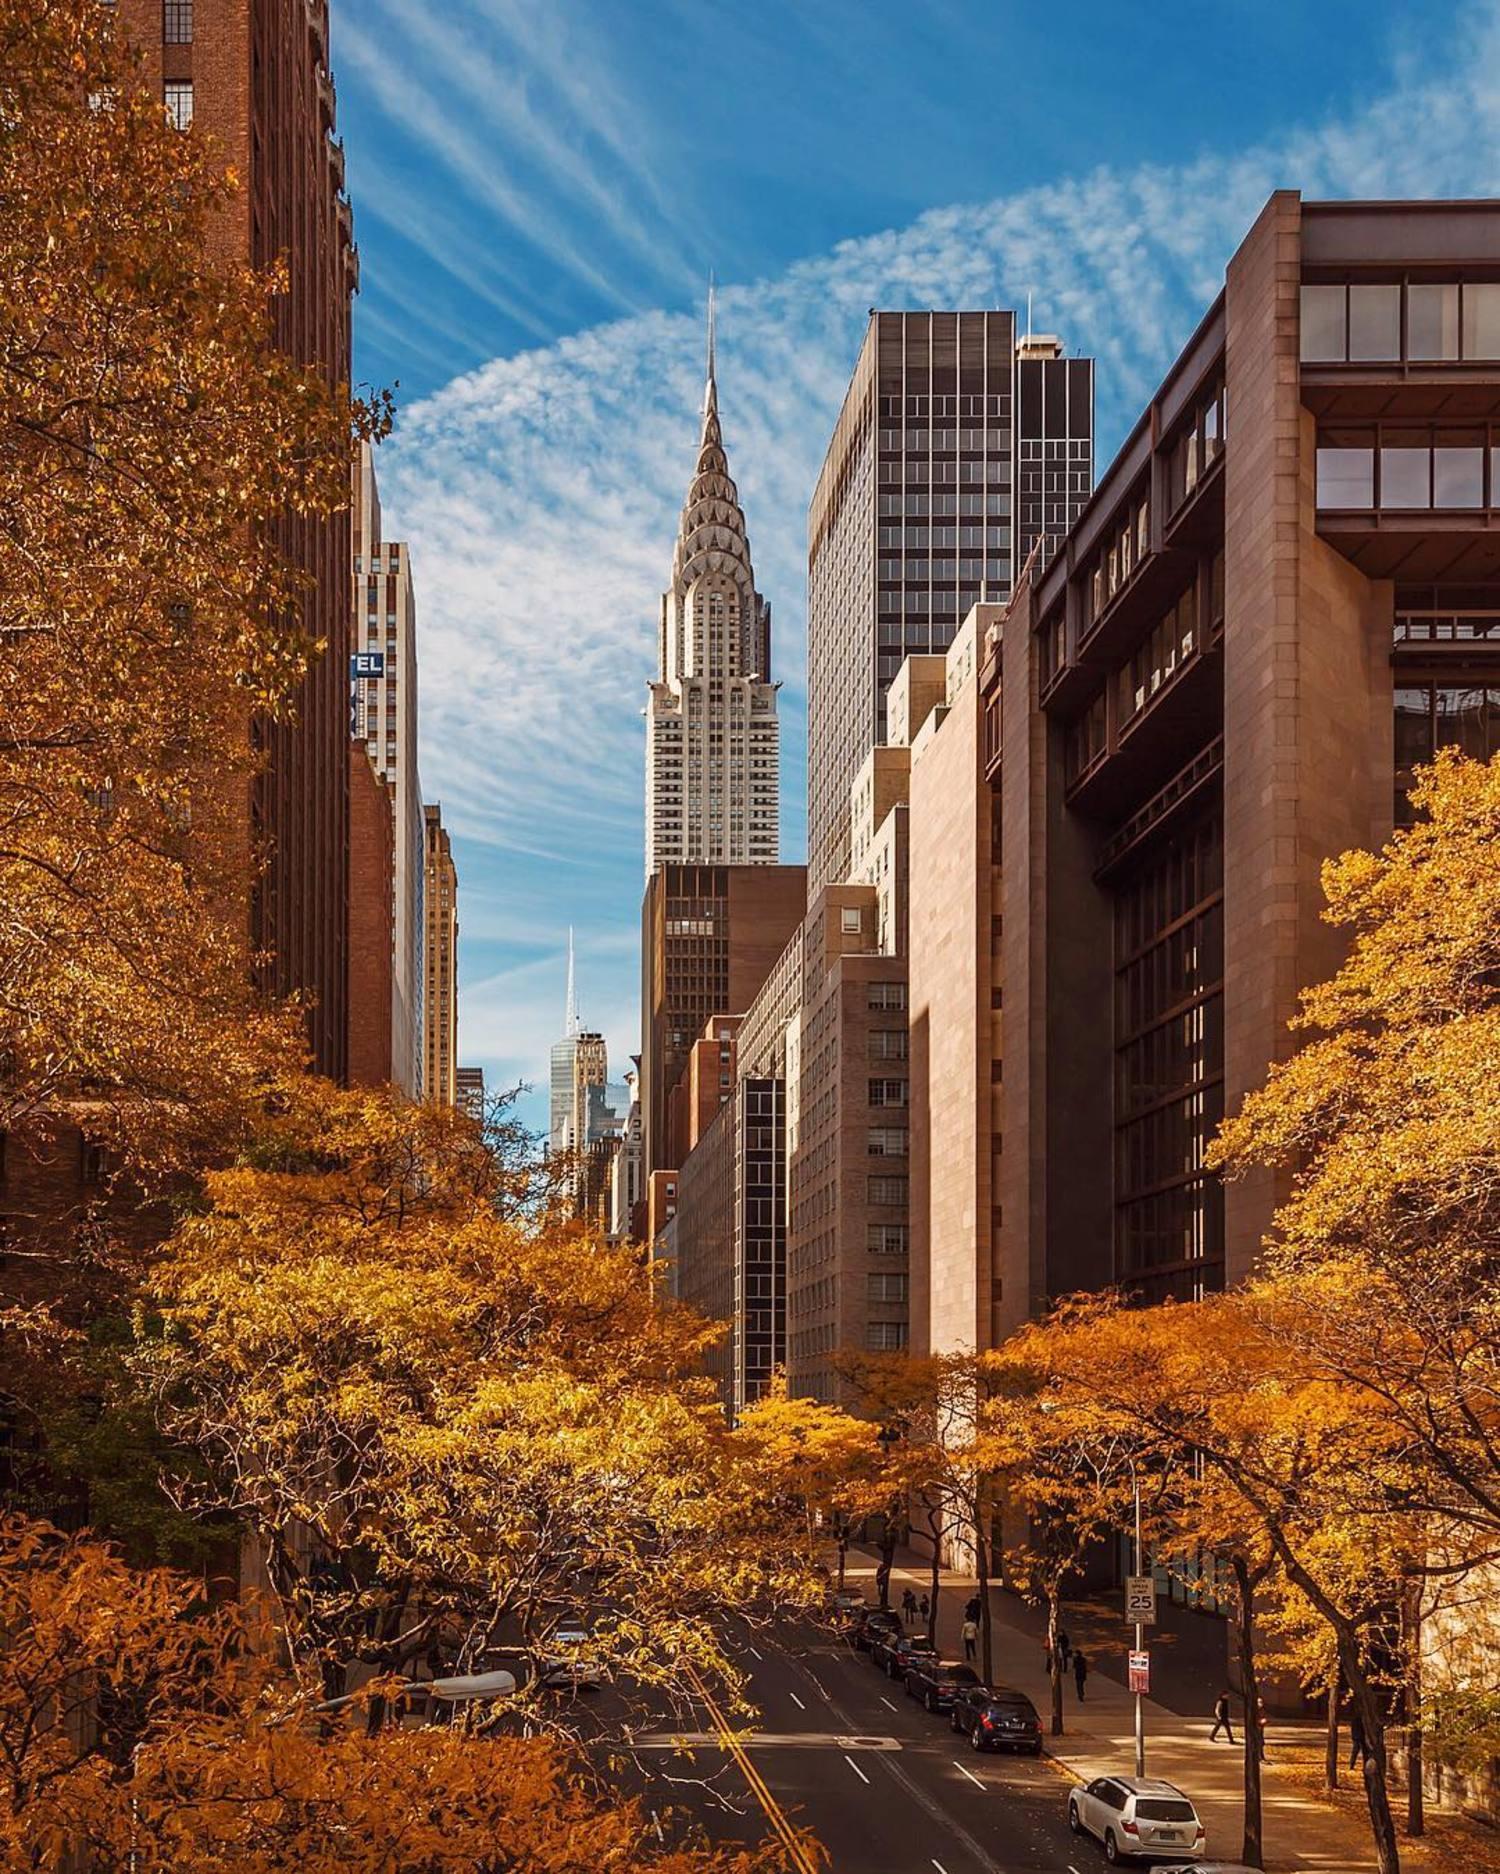 Happy weekend ✰ #NYC #NY #newyorkcity #newyork #new_york #manhattan #wildnewyork #EmpireStateOfMind #topnewyorkphoto #thisisnewyorkcity #nycprimeshot #made_in_ny #ig_nycity #igersofnyc #gf_nyc #icapture_nyc #instagramnyc #ILoveNY #newyorker #newyorknewyork #igersusa #newyork_instagram#supremenewyork #ig_northamerica #ig_unitedstates #instaglobal #igersmood #seeyourcity #rsa_streetview #chryslerbuilding